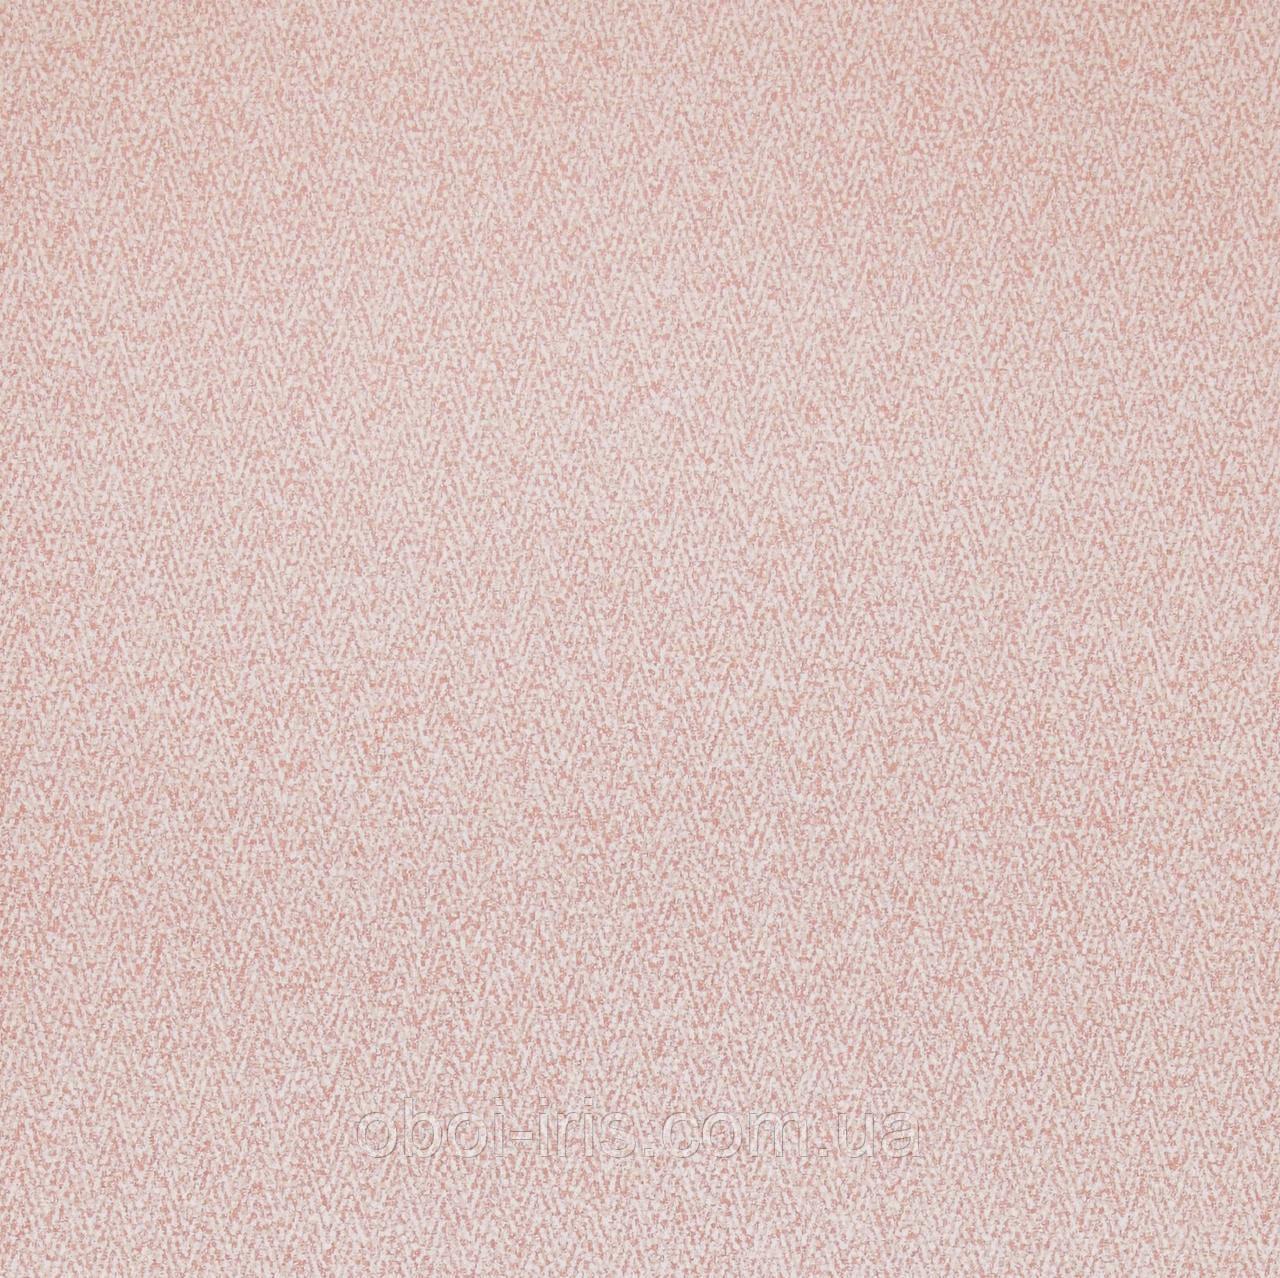 17443 обои Pure Passion BN International (Нидерланды) винил на флизелиновой основе 0,53*10,05м